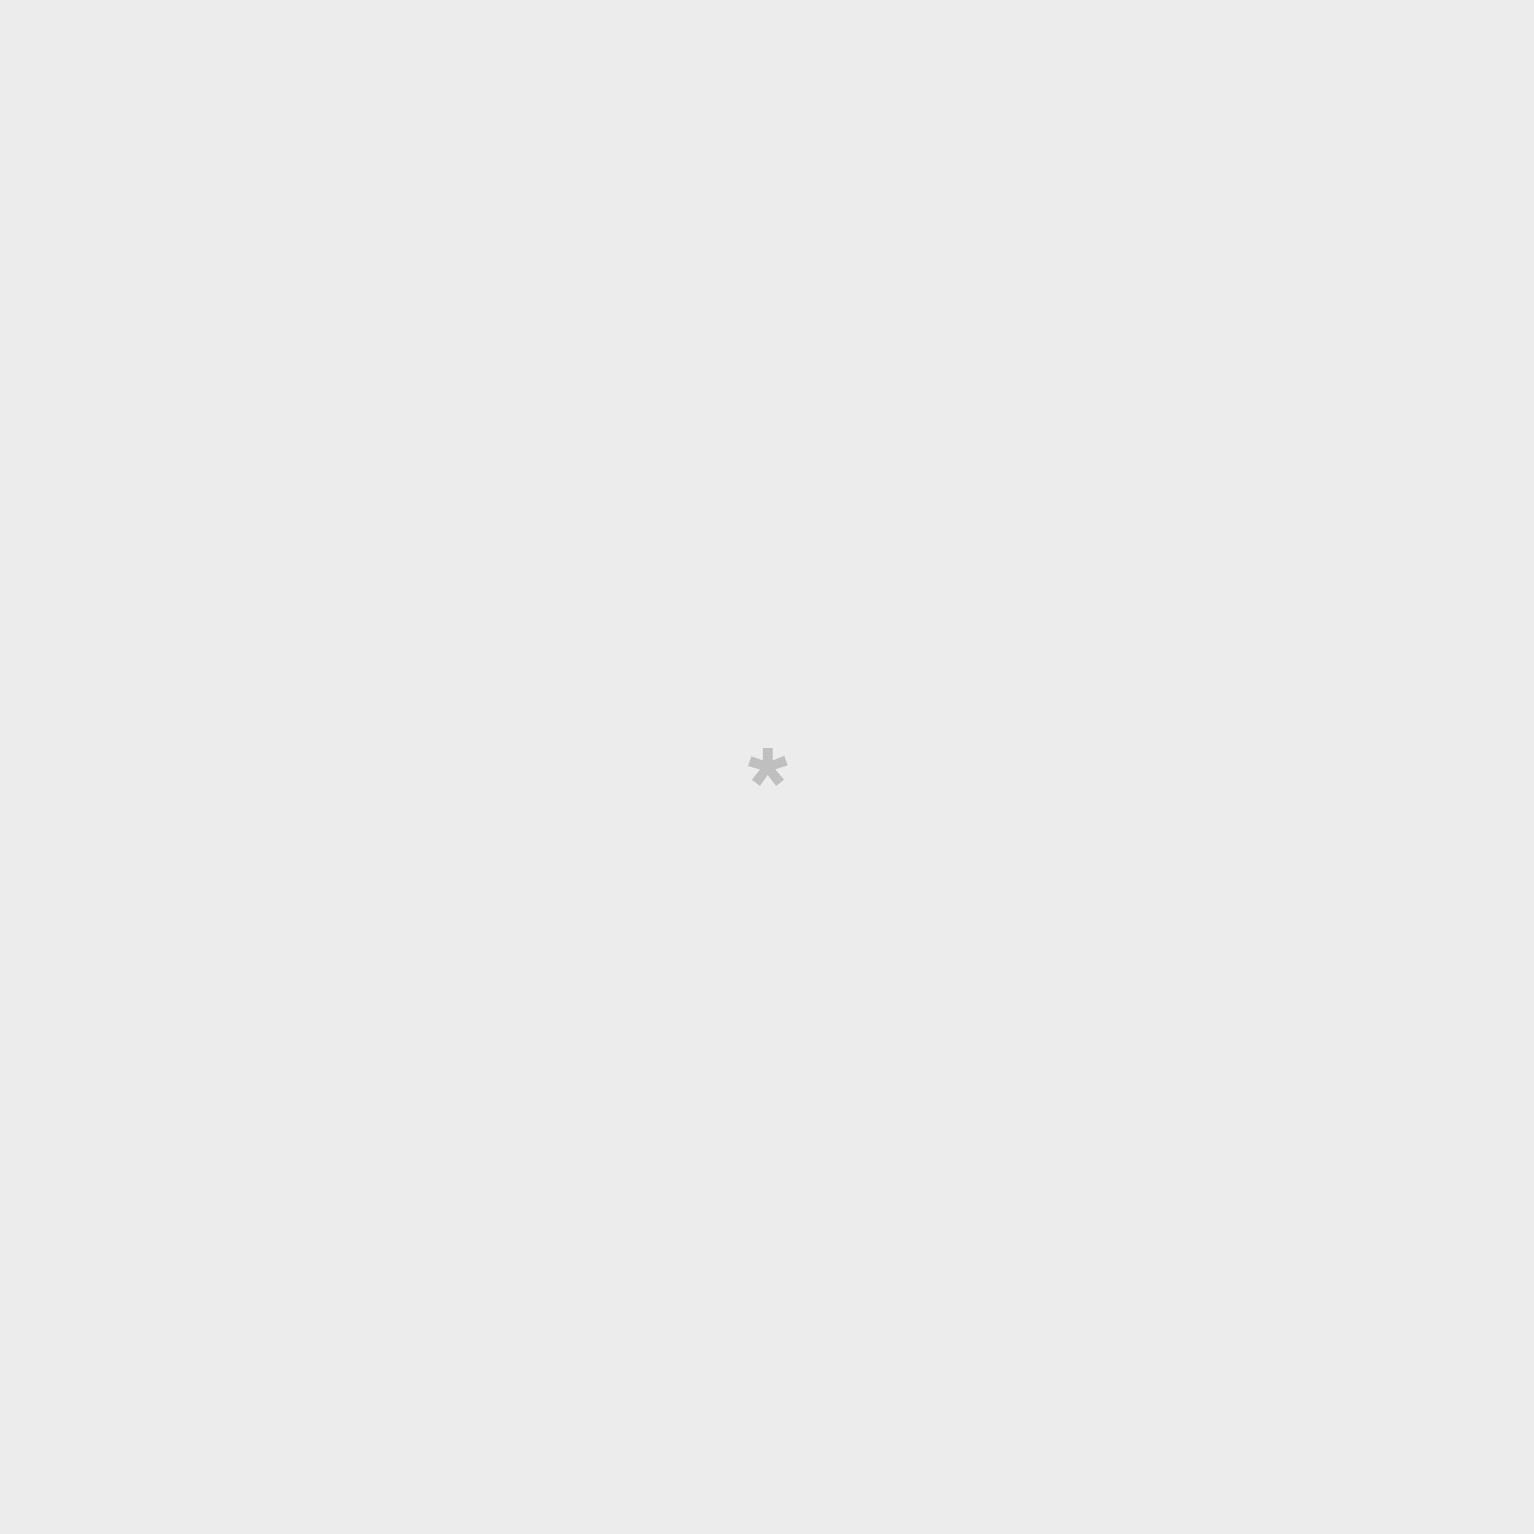 Kit para personalizar e alegrar a tua agenda